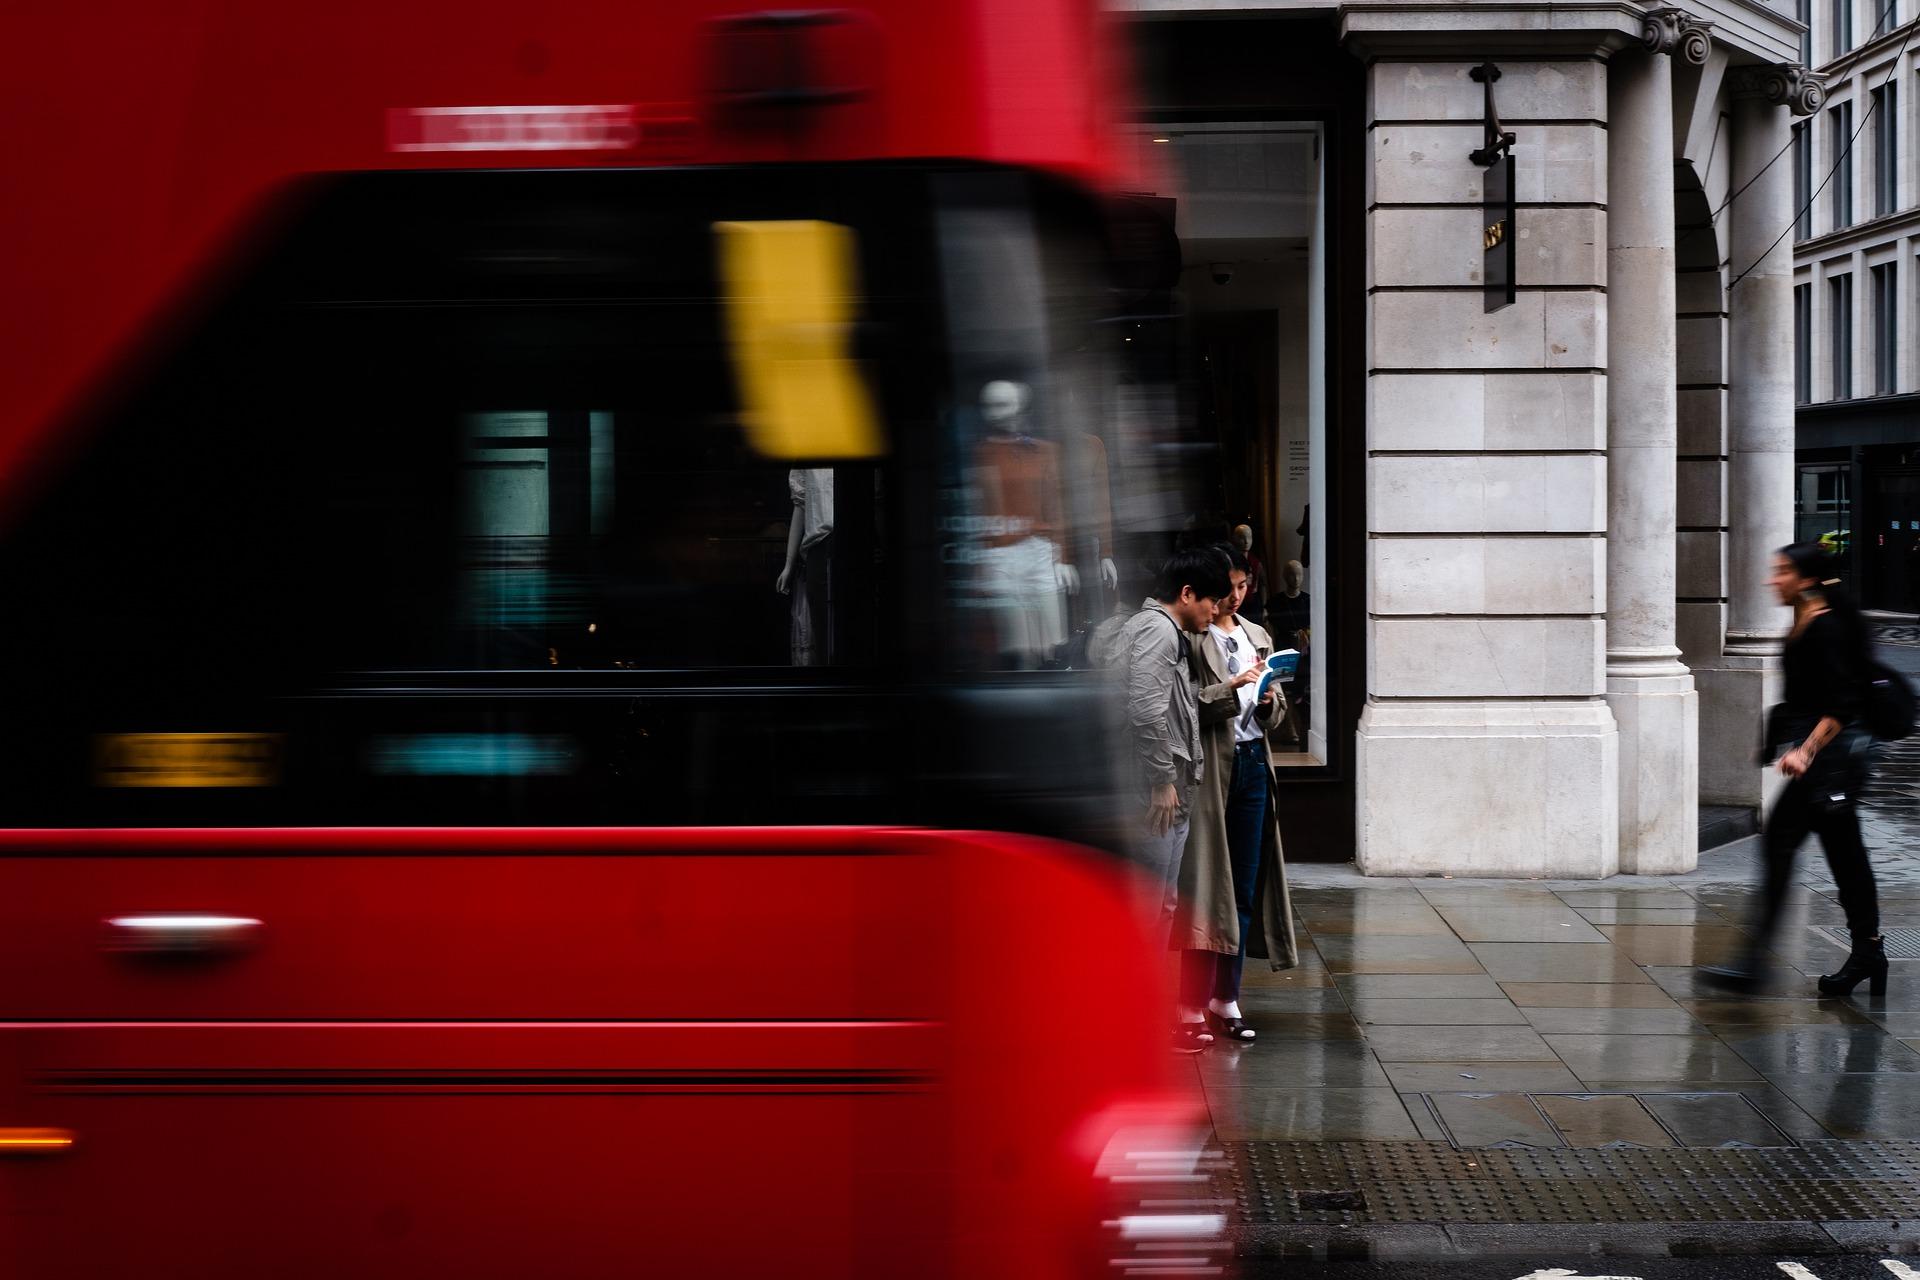 Darf man in einem leeren Bus masturbieren?